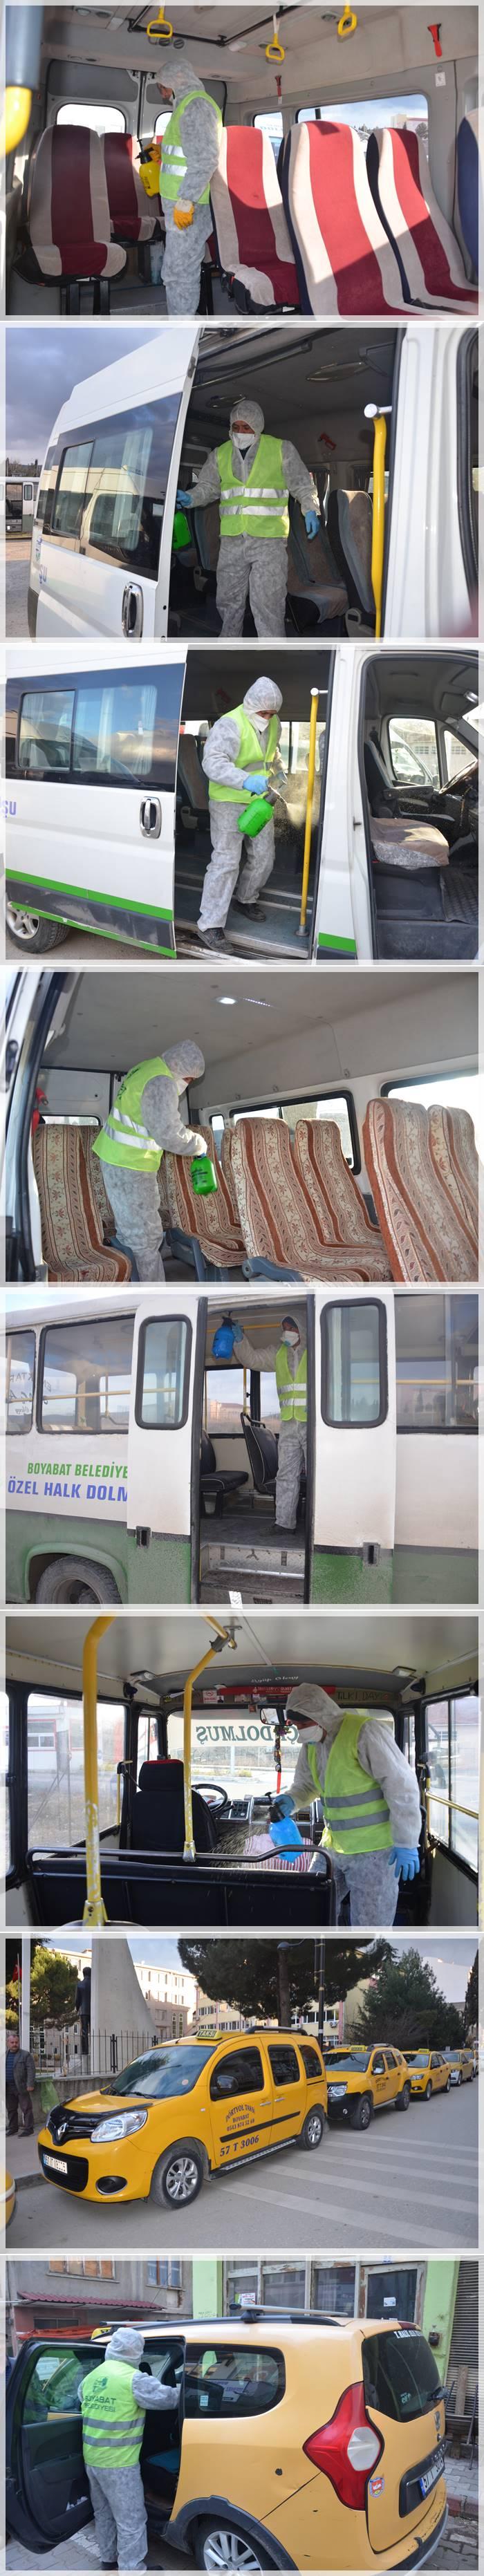 Boyabat Belediyesi Çevre Temizlik Müdürlüğü ile Şoförler ve Otomobilciler Odası'nın ortak yürüttüğü dezenfeksiyon çalışmalarının bugünkü ayağı dolmuşlar ve ticari taksiler oldu.